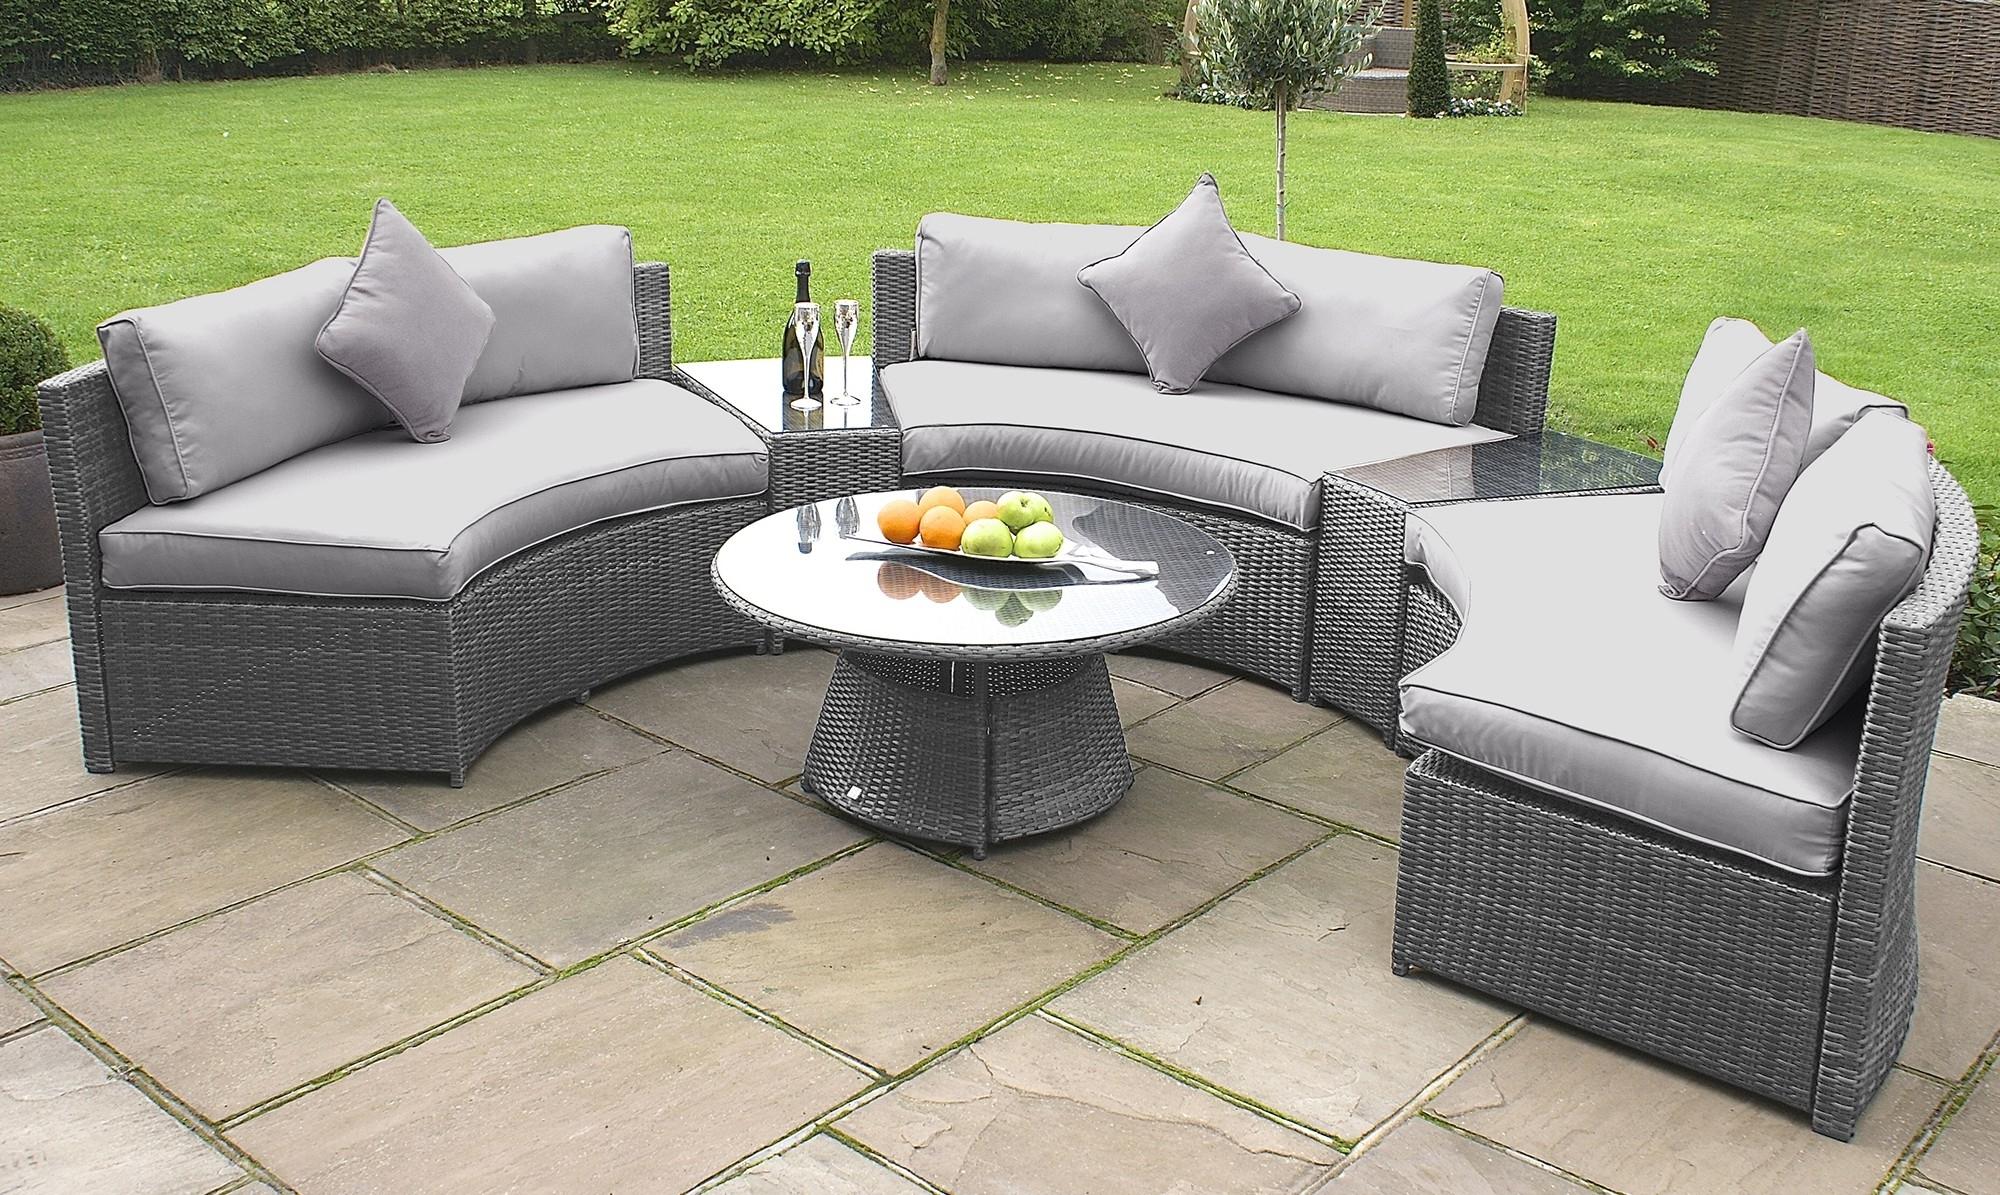 Most Popular Enormous Gray Wicker Outdoor Furniture Attractive Grey Patio Fresh Regarding Gray Patio Conversation Sets (View 8 of 15)